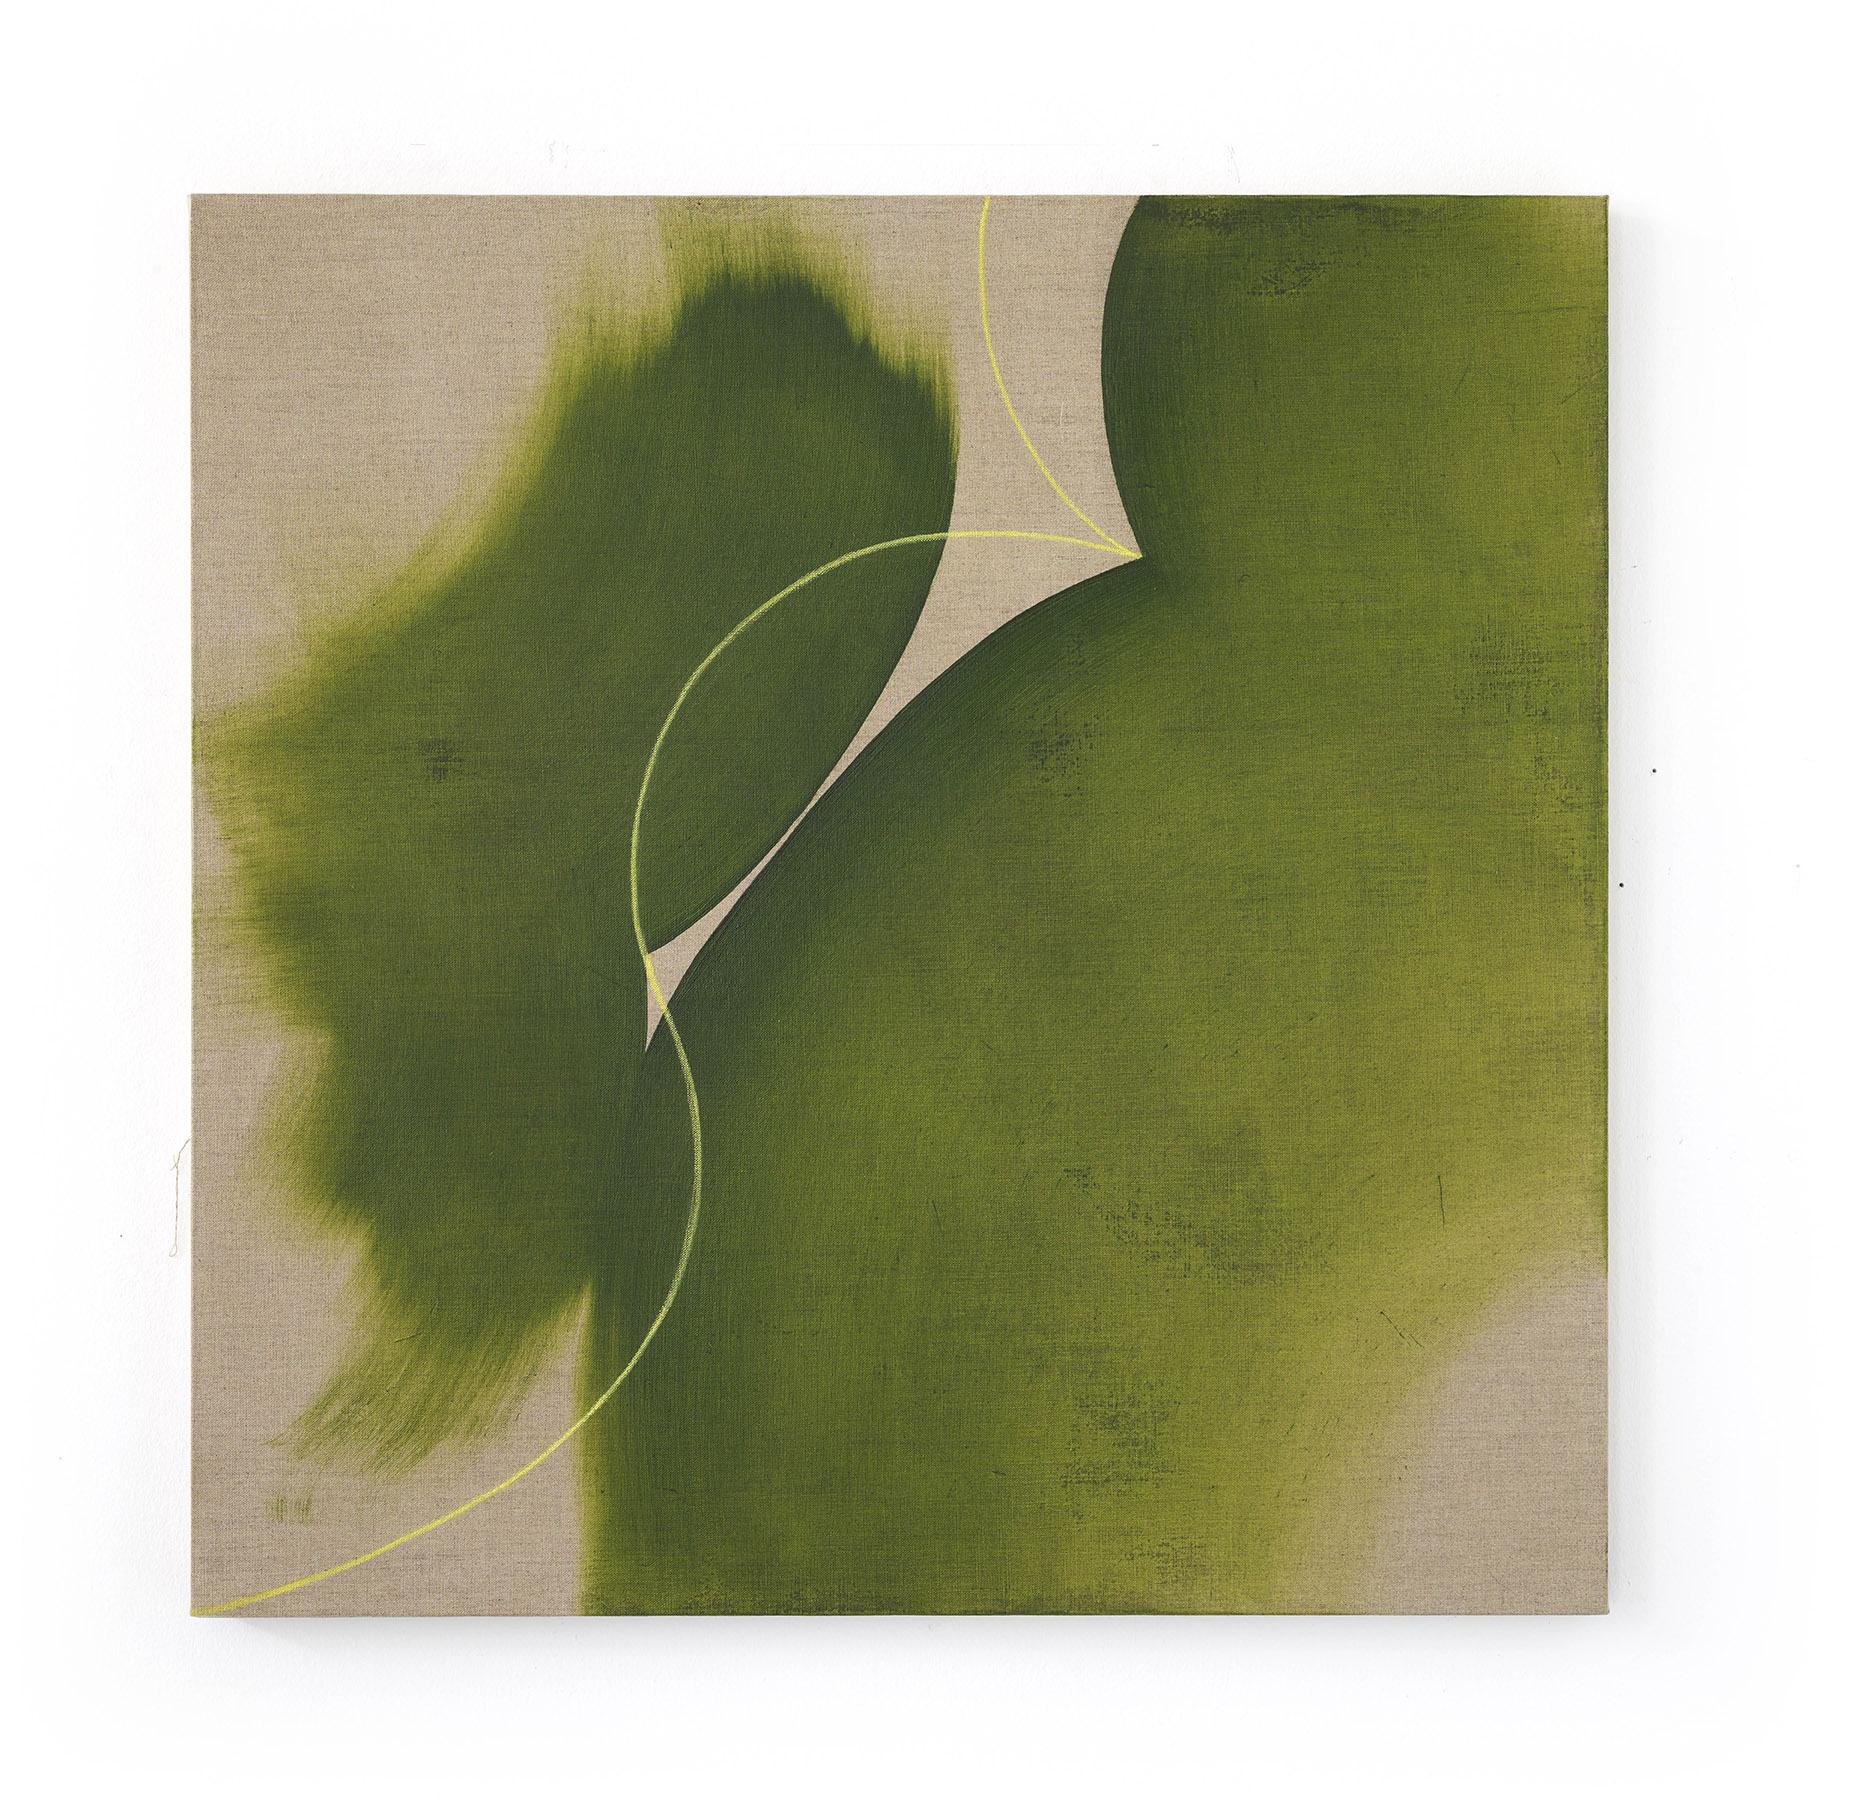 No title, oil,pastel on canvas, 100x100cm, 2019